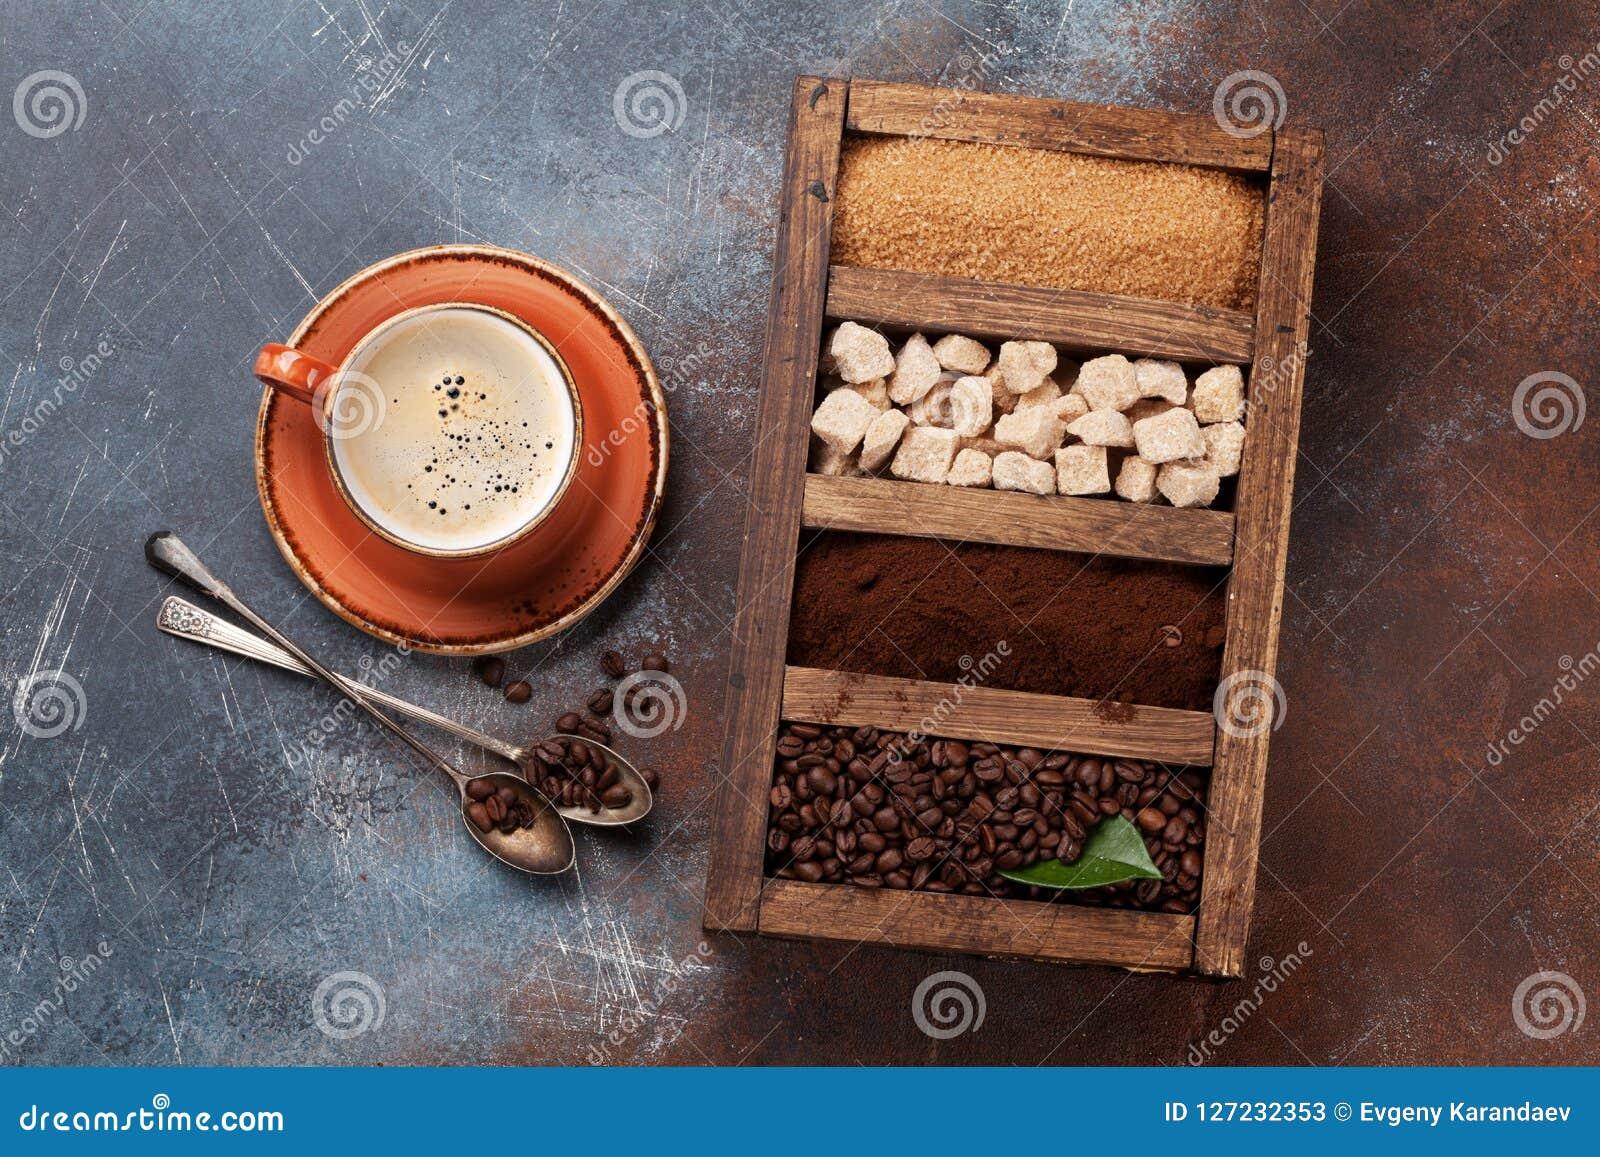 Tazza di caffè, semi di cacao torrefatti e zucchero bruno